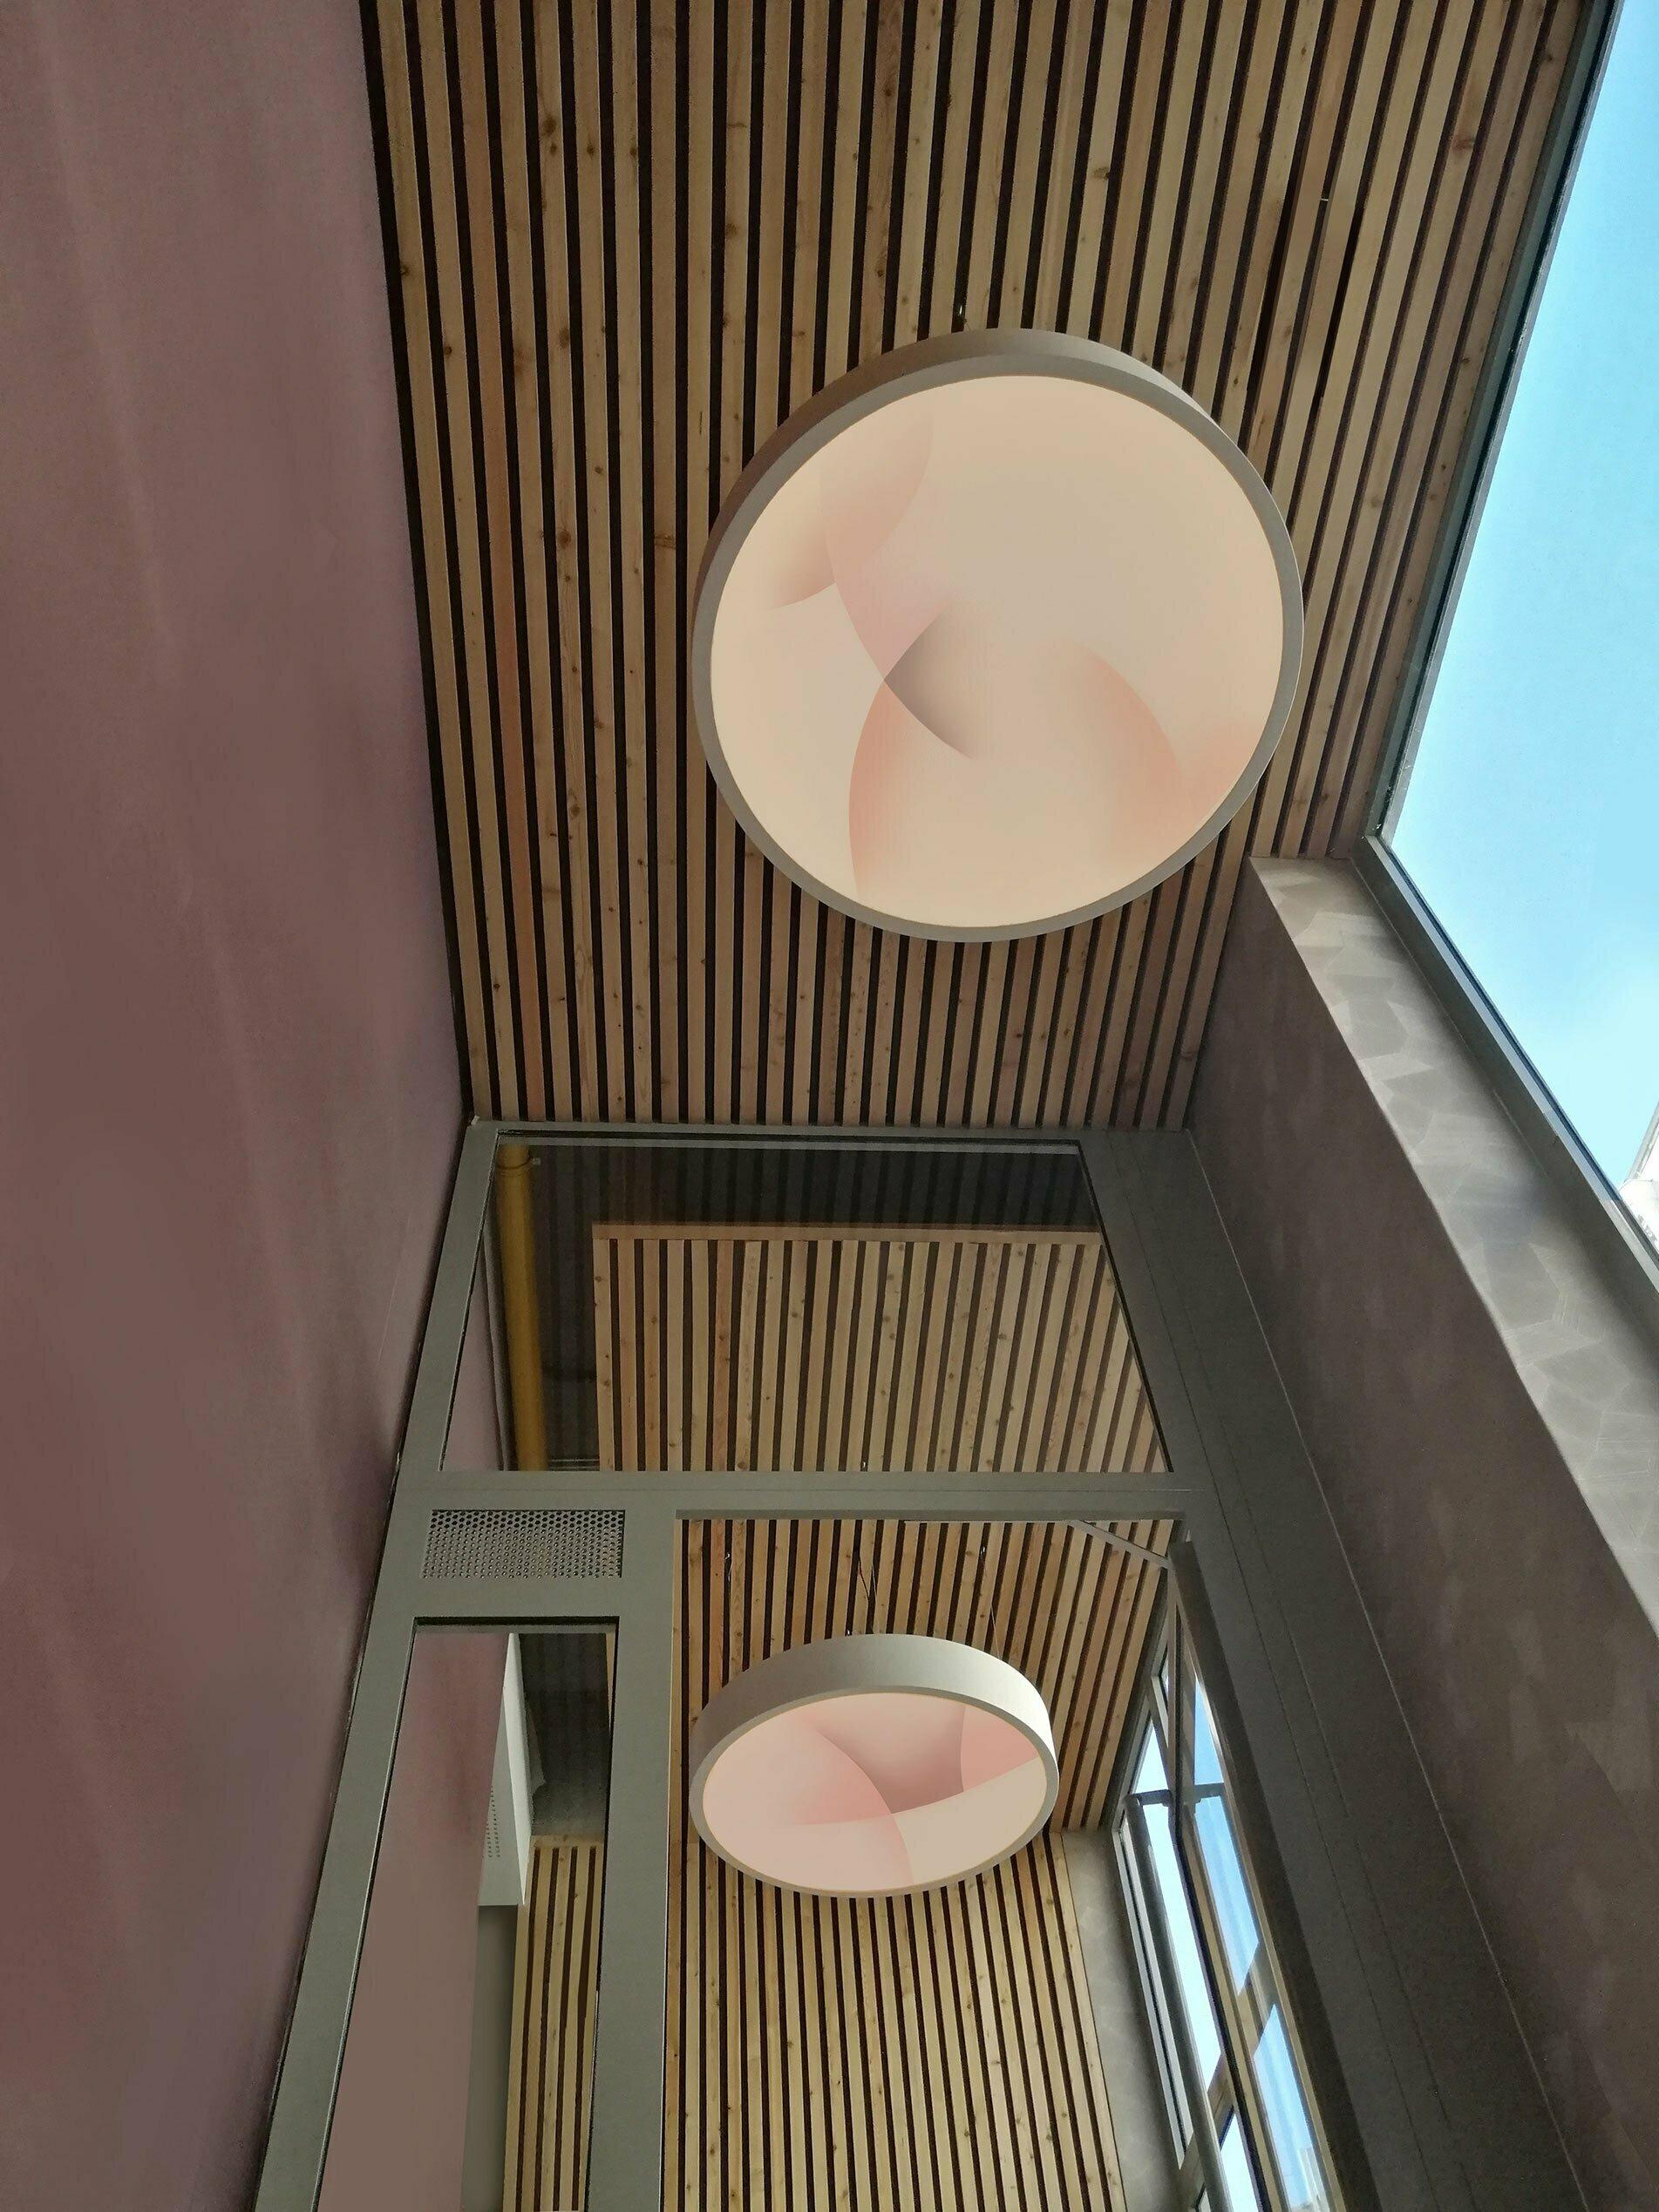 Installations lumineuses de Guillaume Bottazzi, Lyon. A découvri à l'occasion des Journées Européennes du Patrimoine